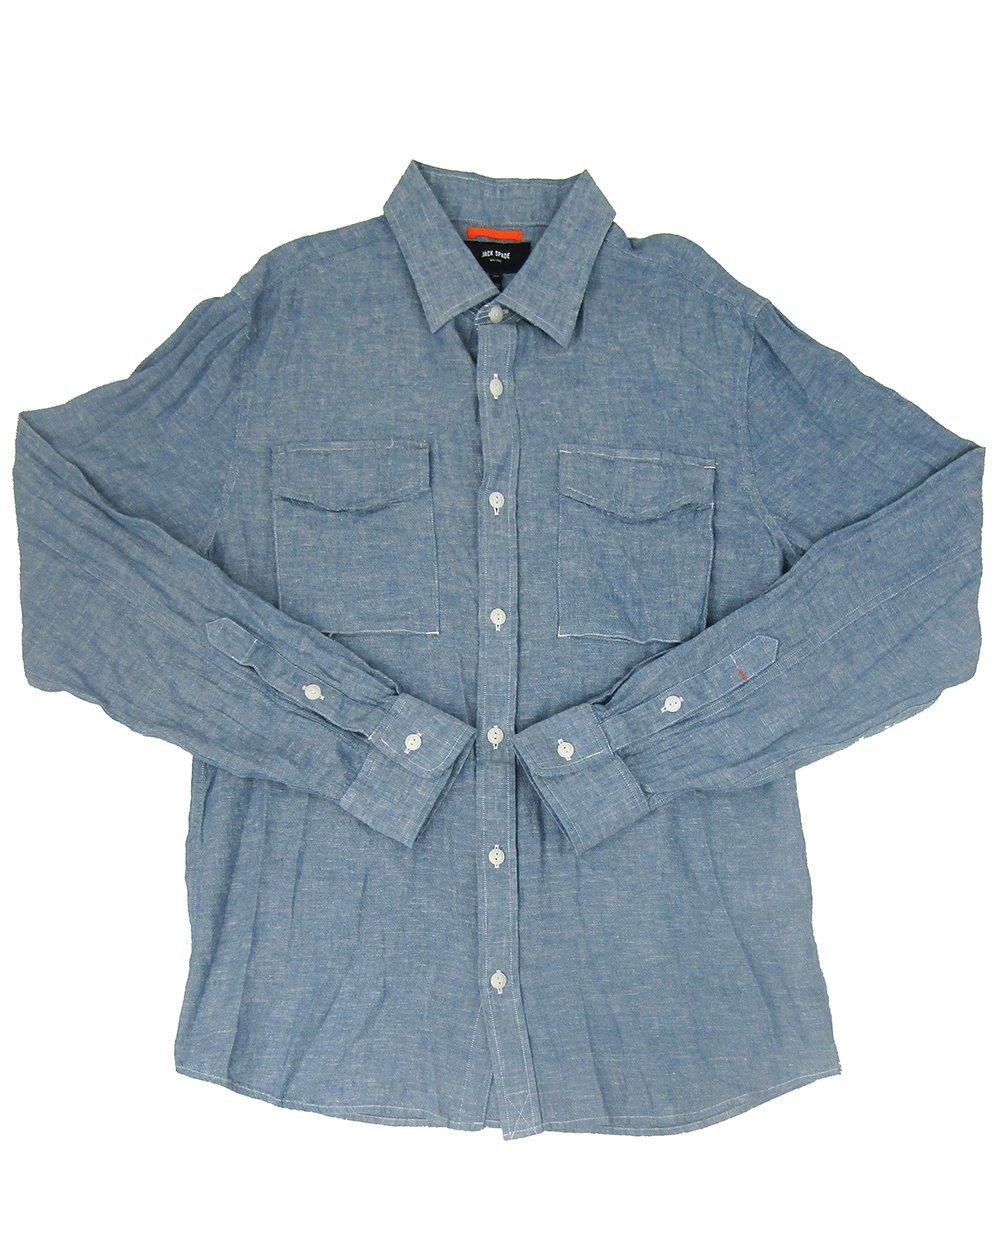 Jack Spade Men's Linen Blend Chambray Shirt (Blue, XX-Large)